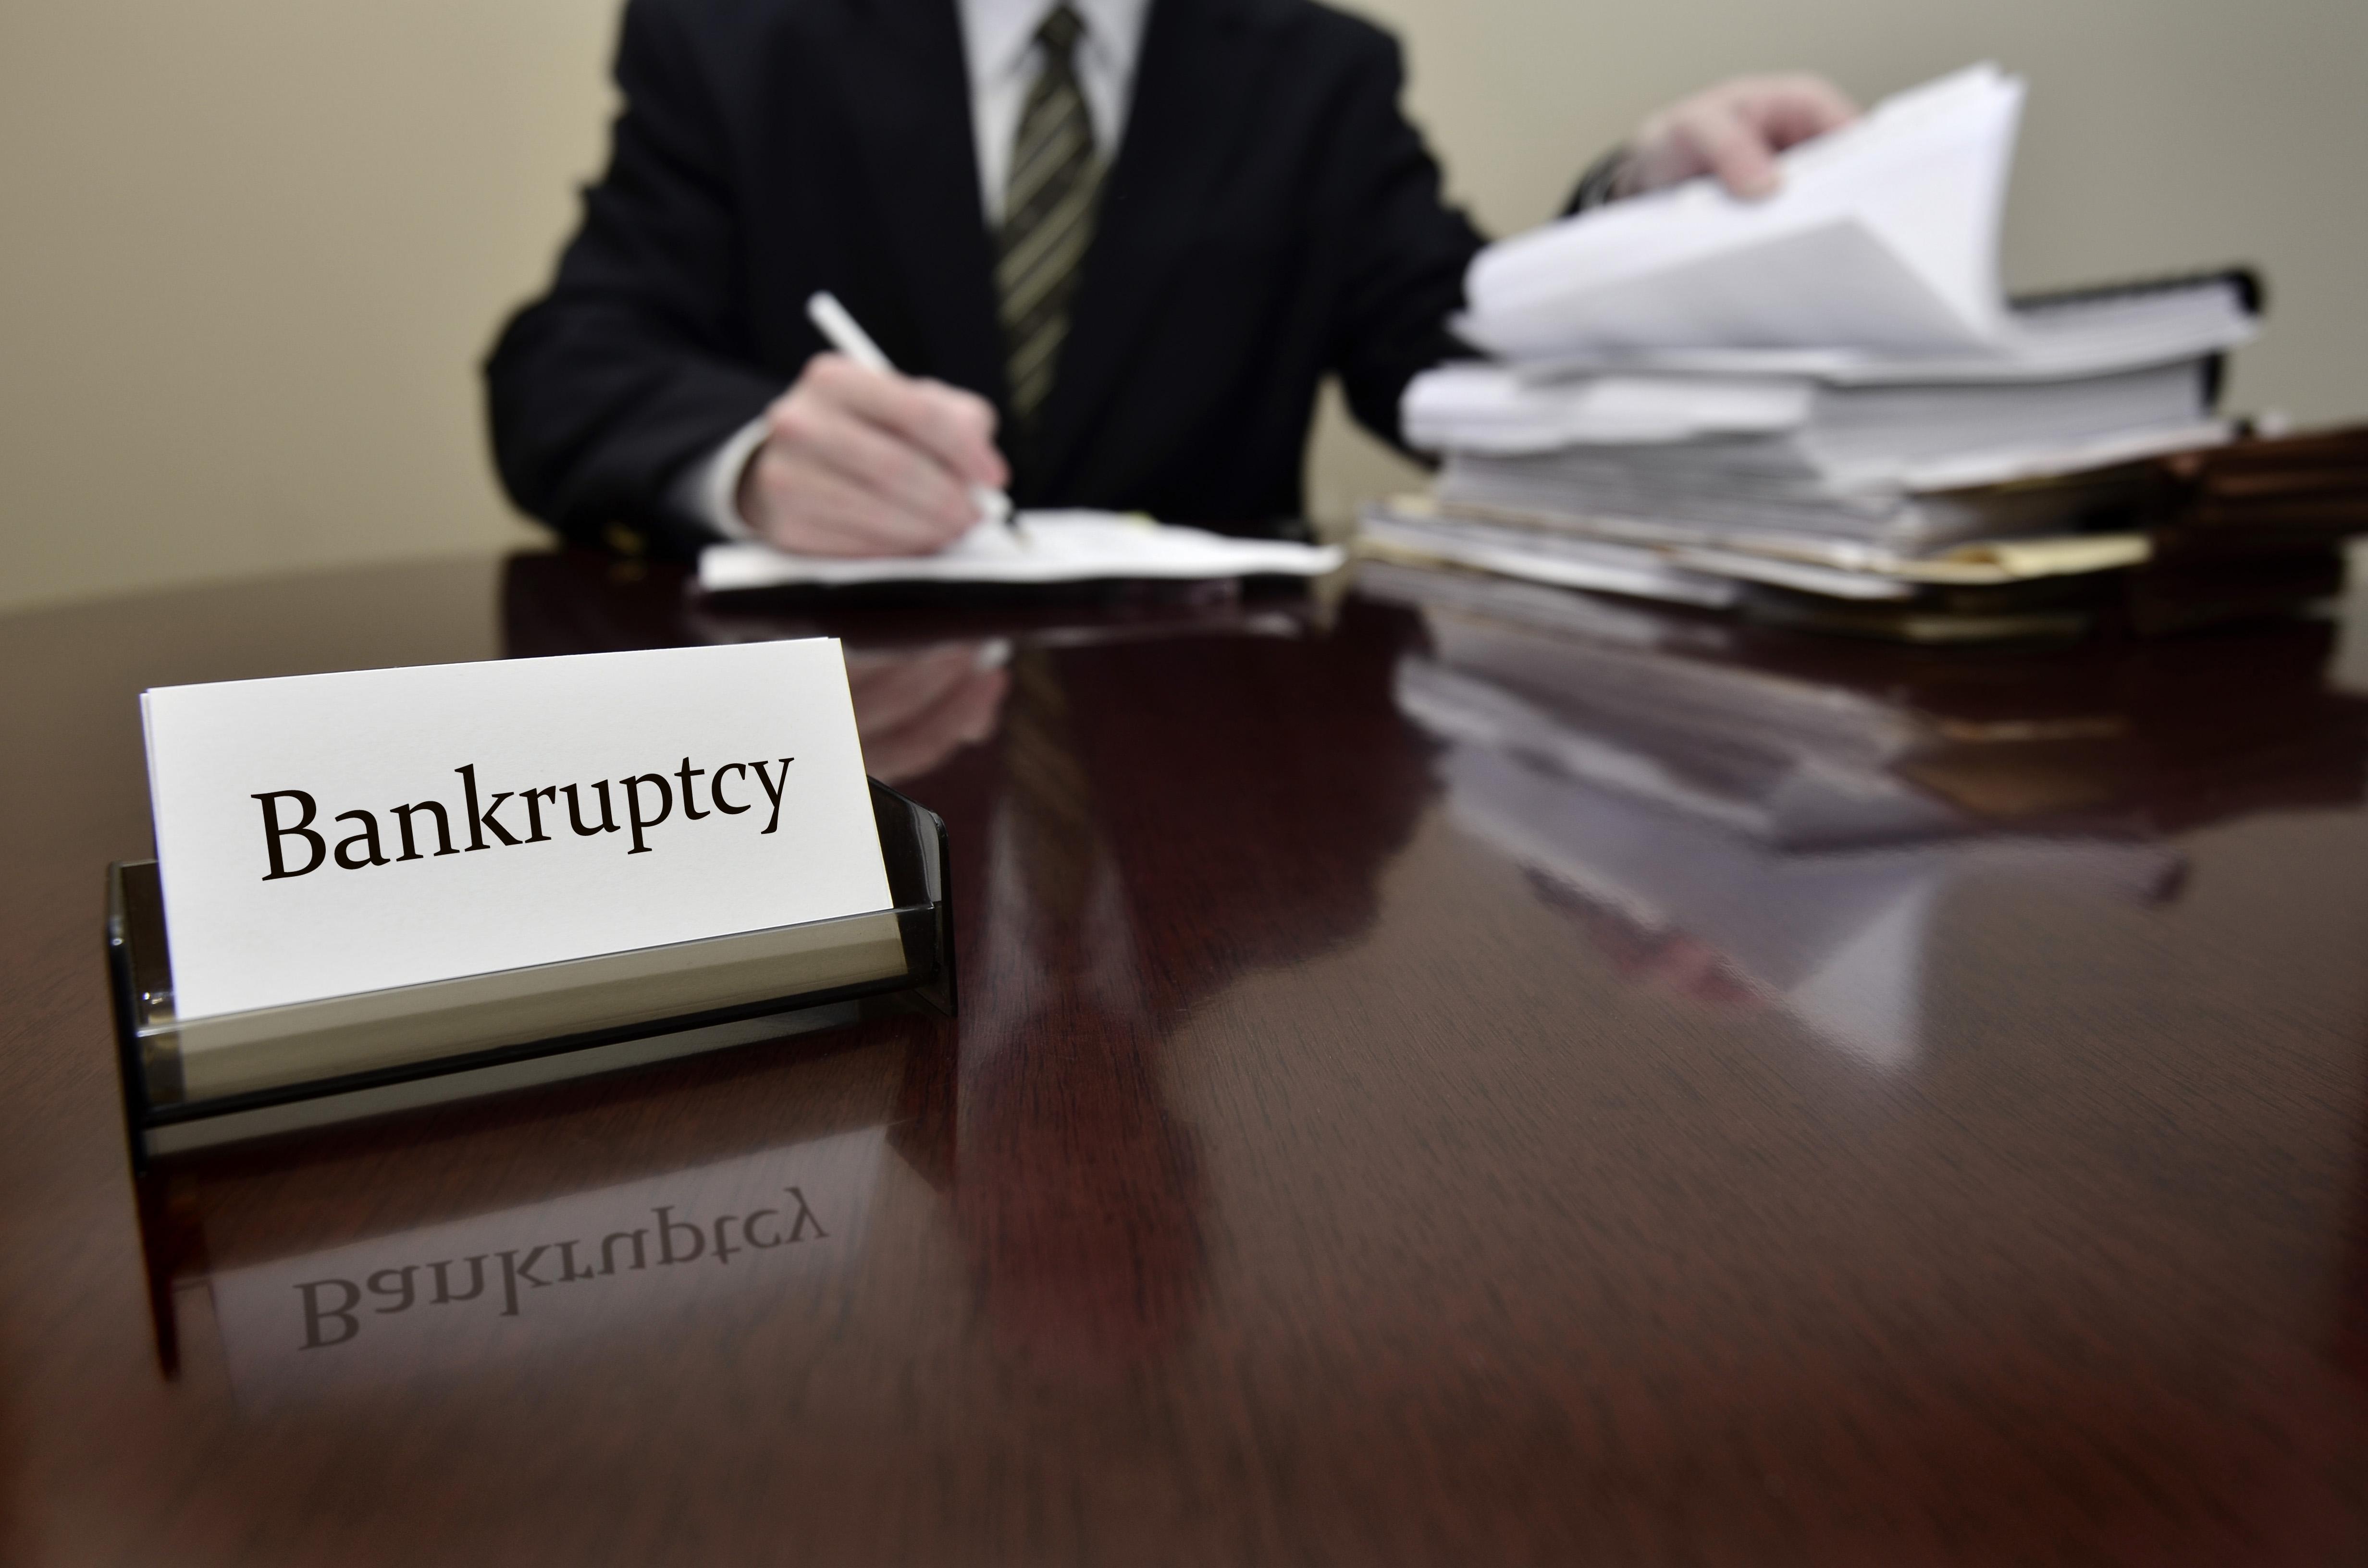 преимущество при банкротстве